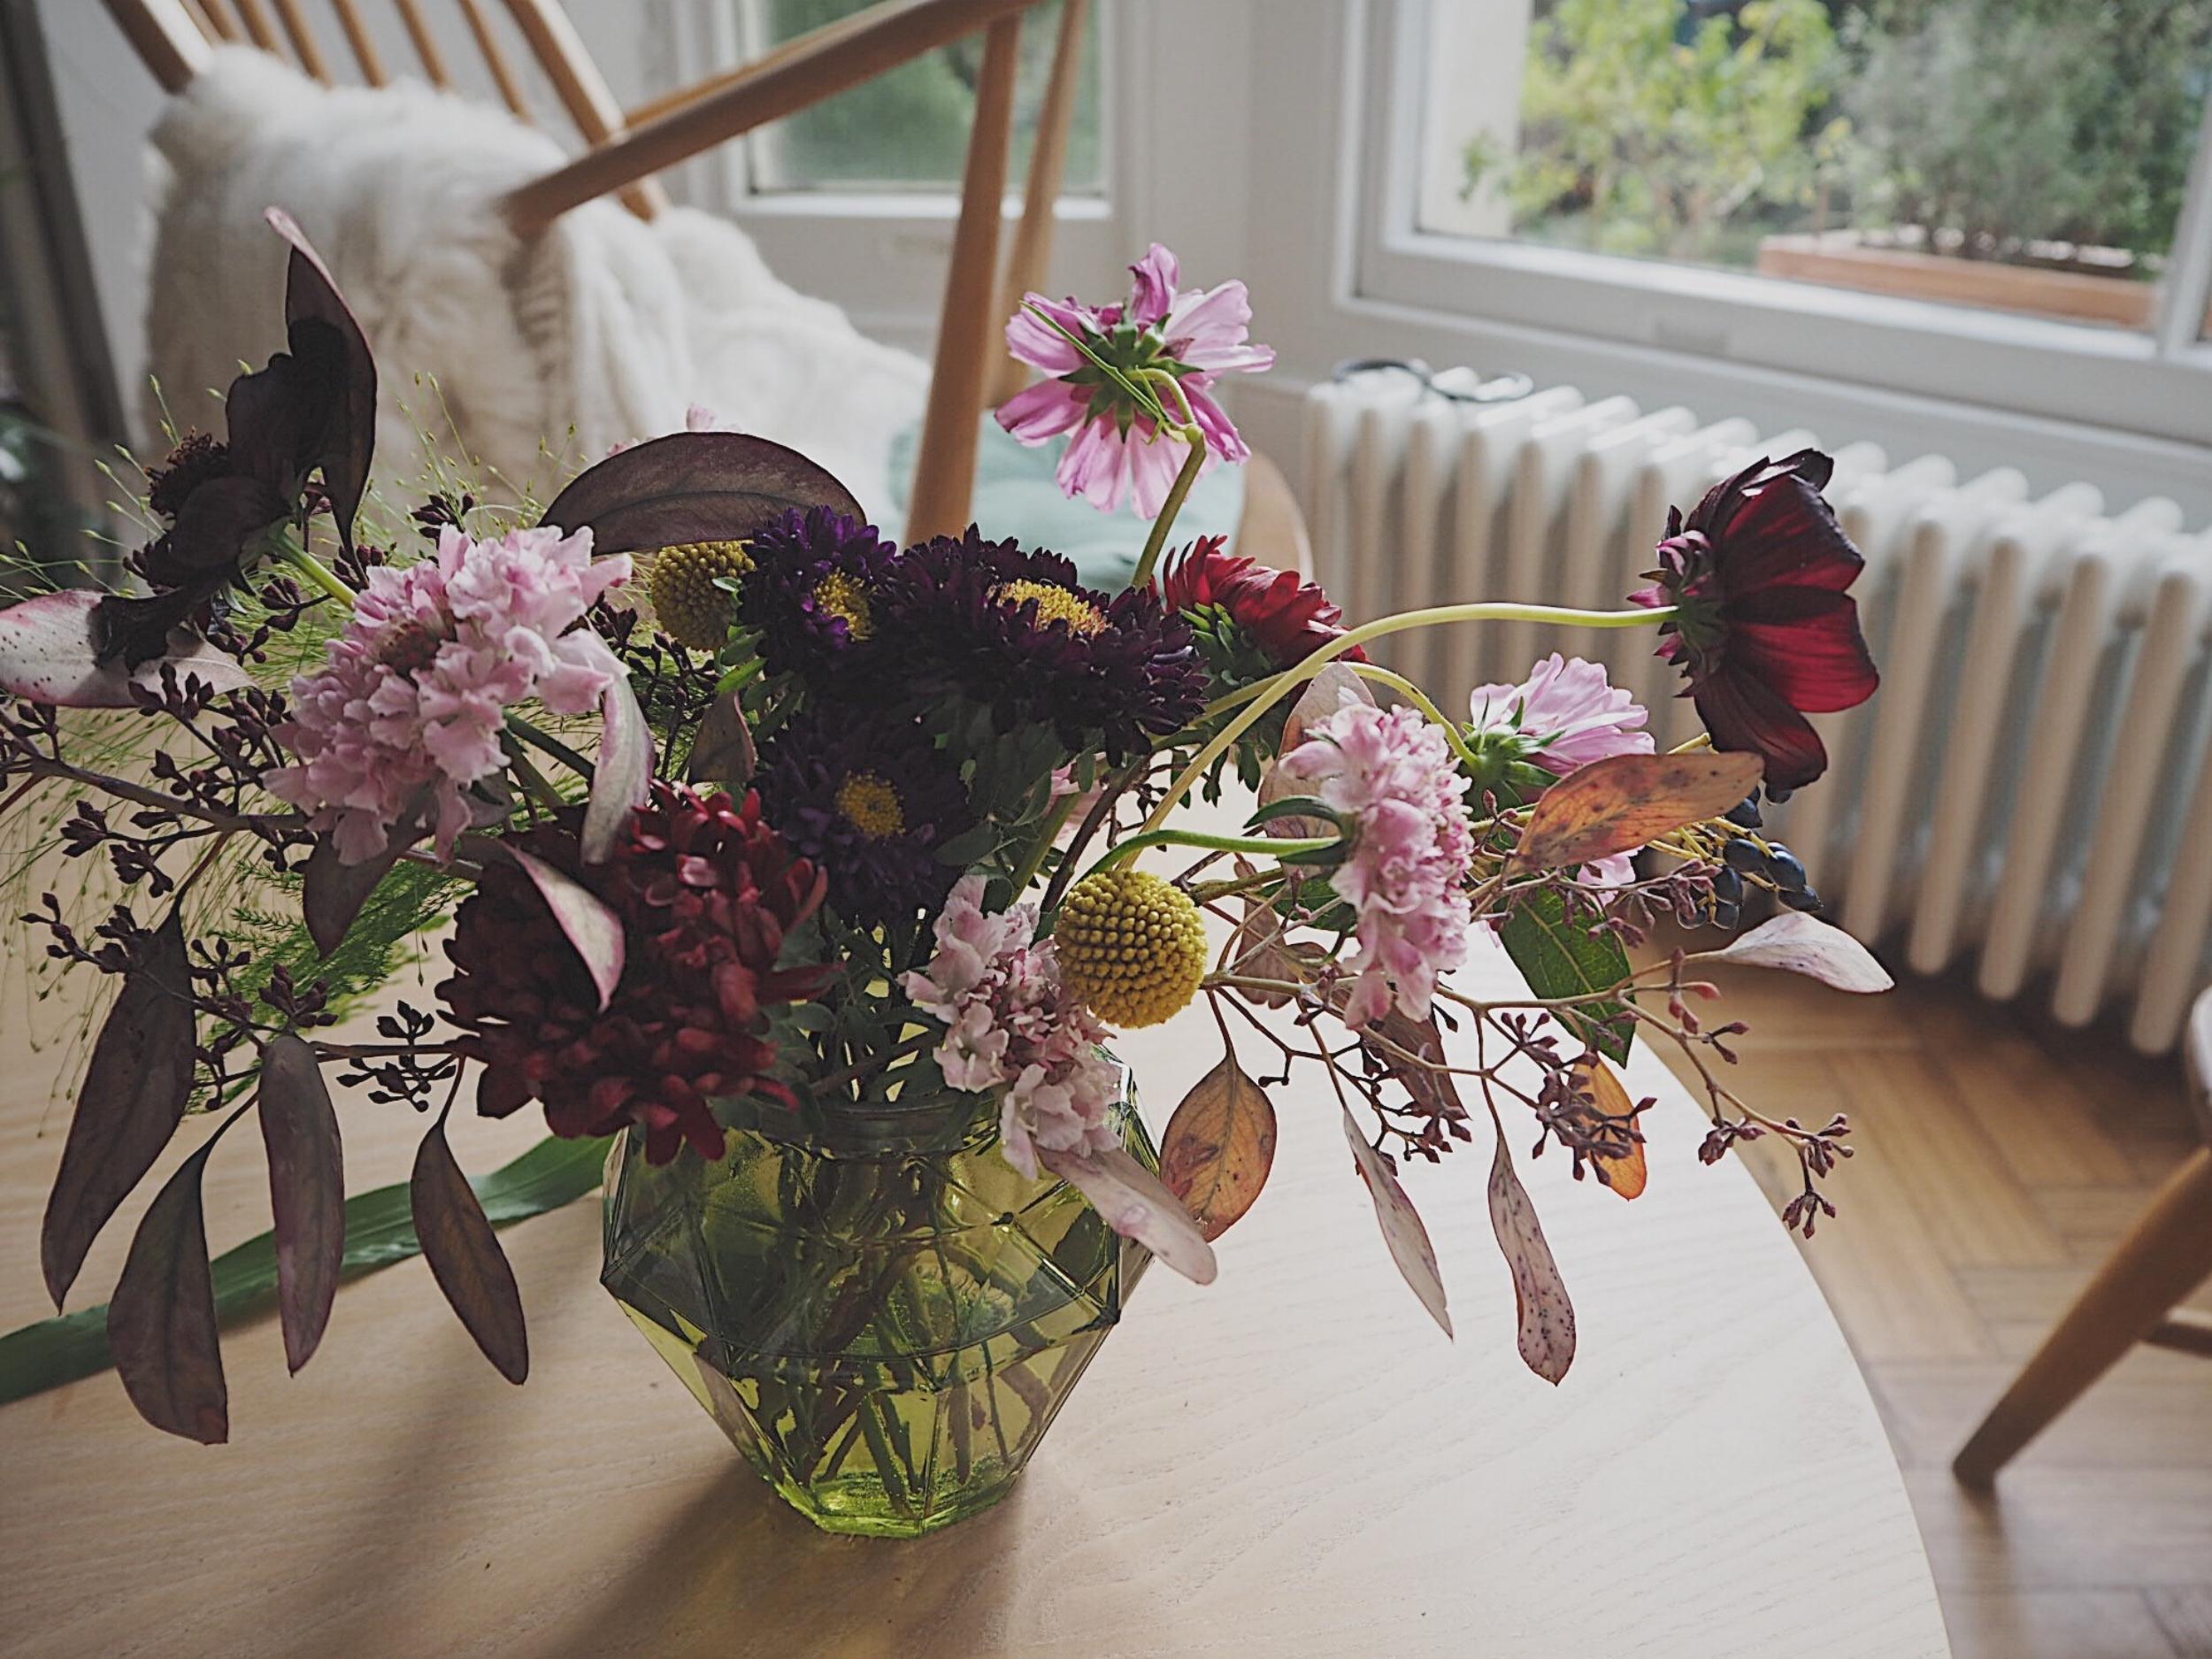 styling-alright-petal-flowers-2.jpg